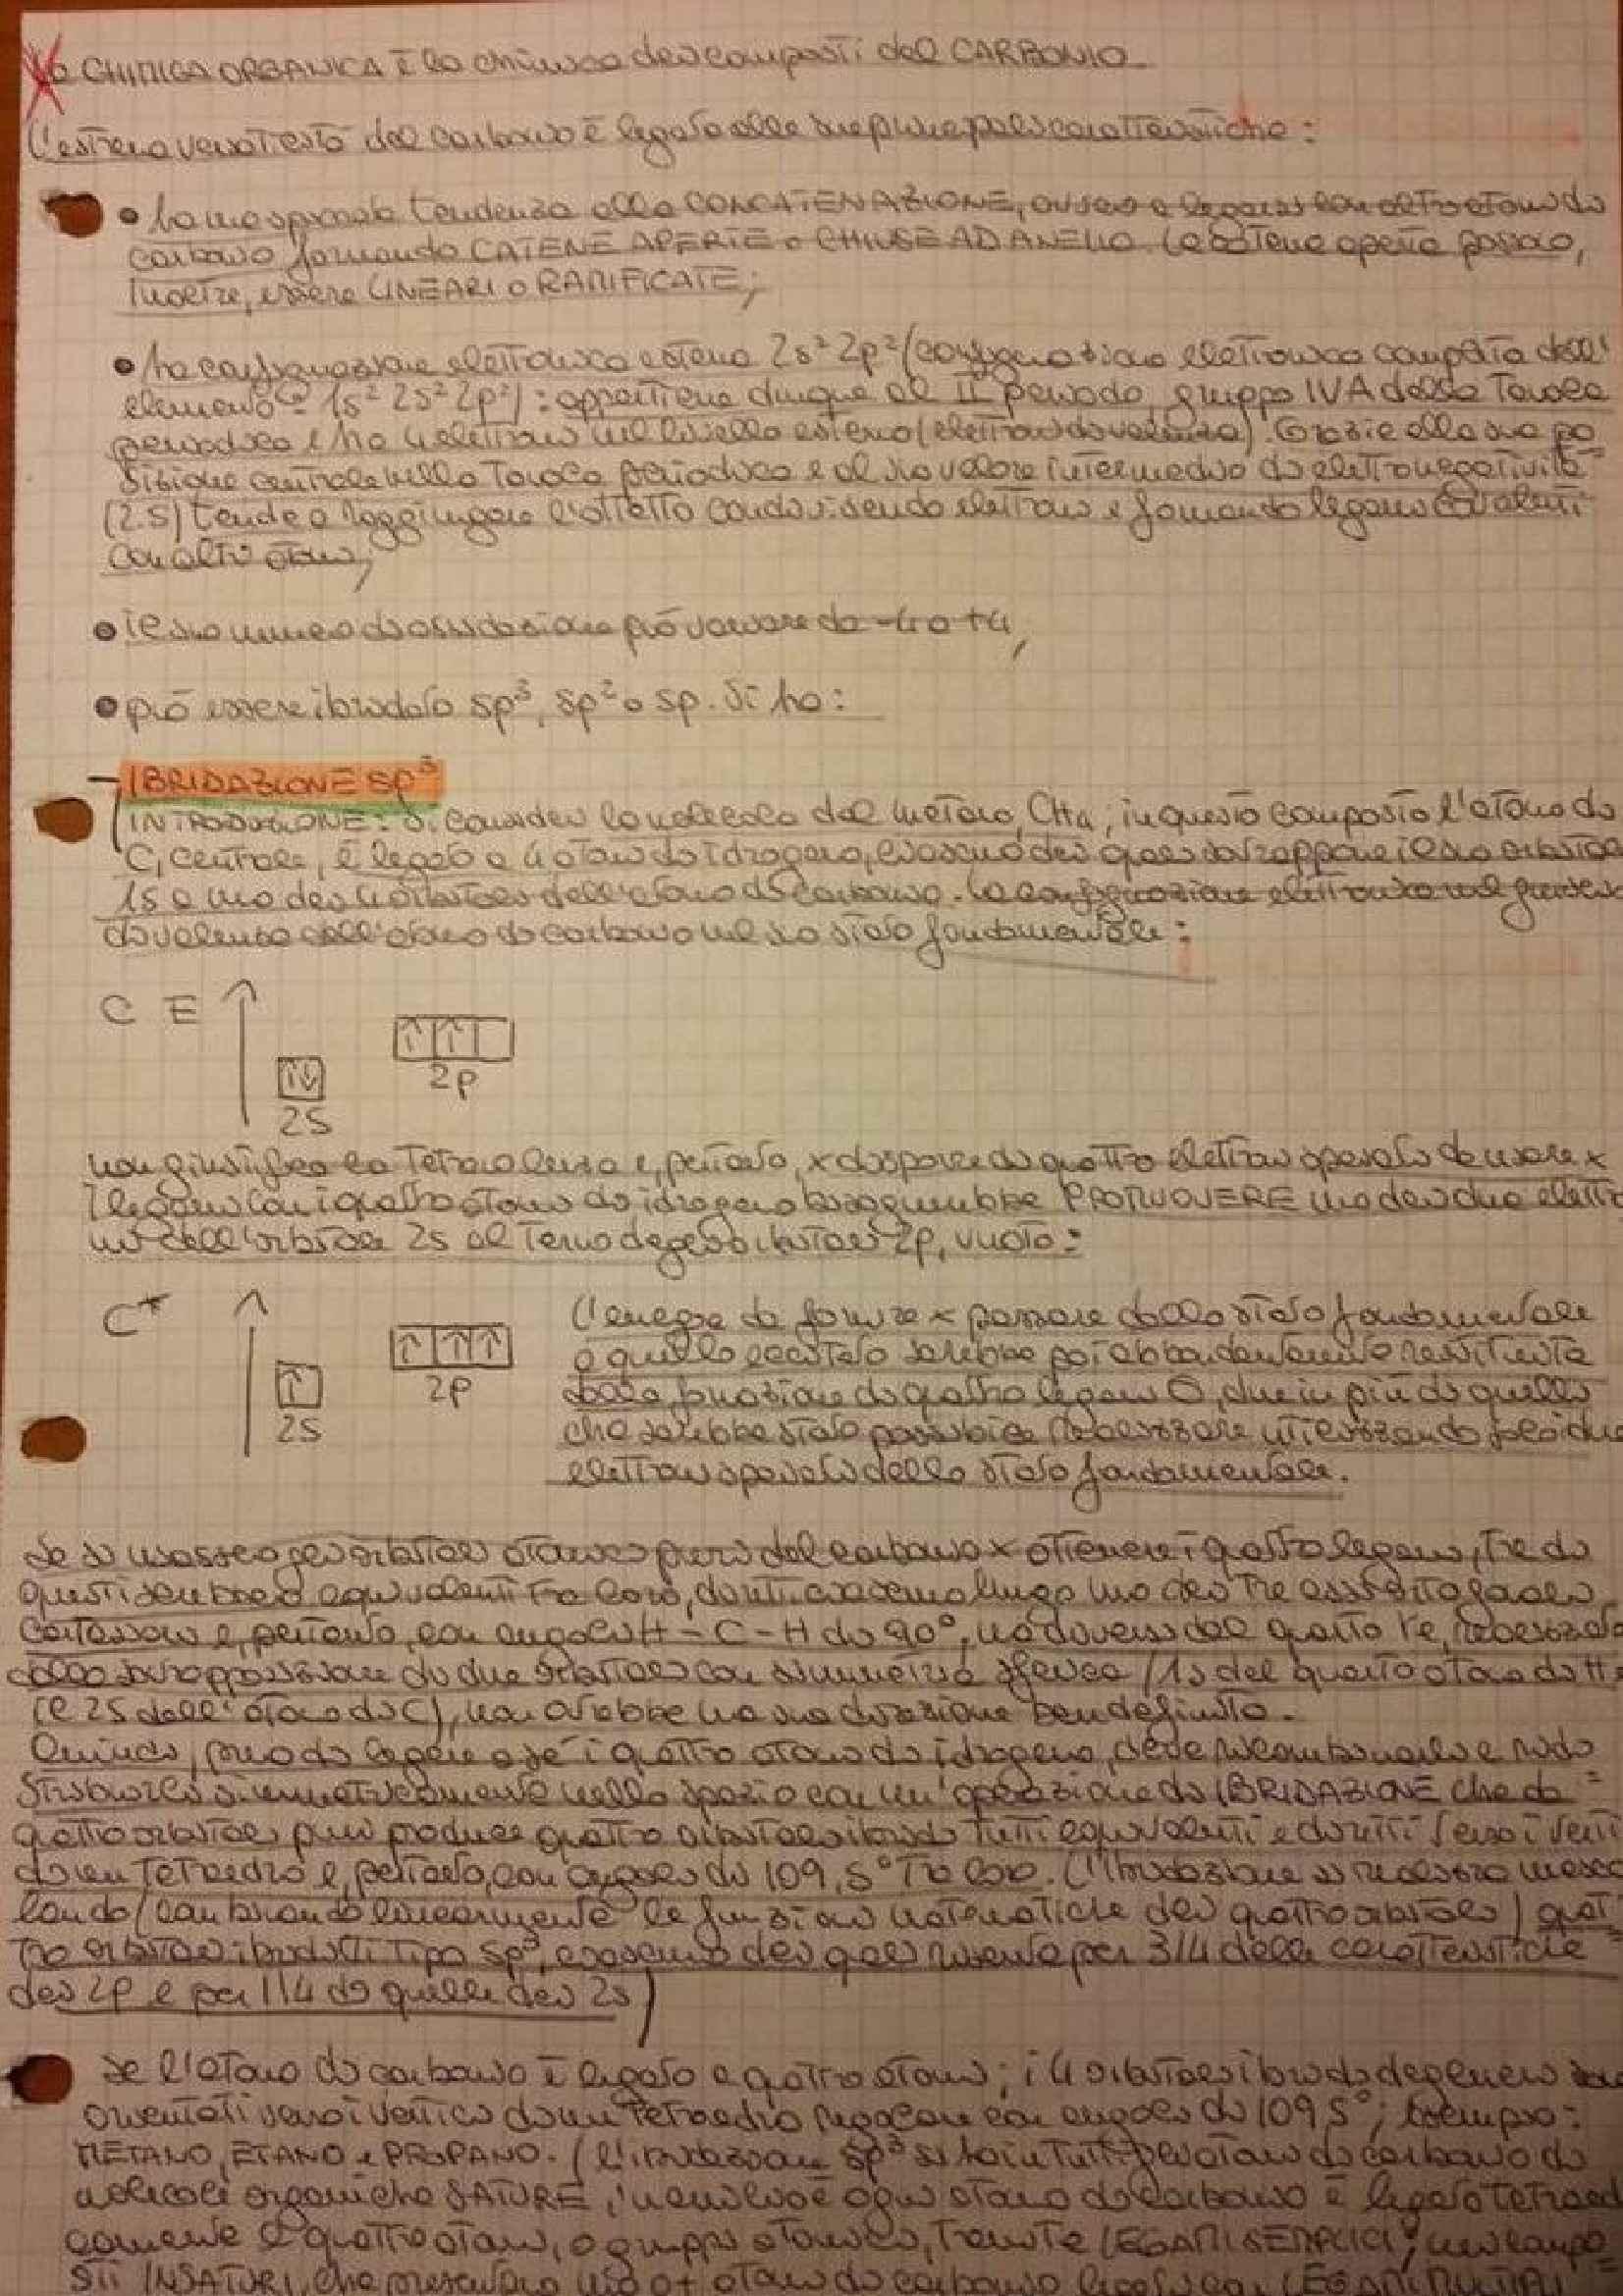 Chimica organica - Appunti ed esercizi